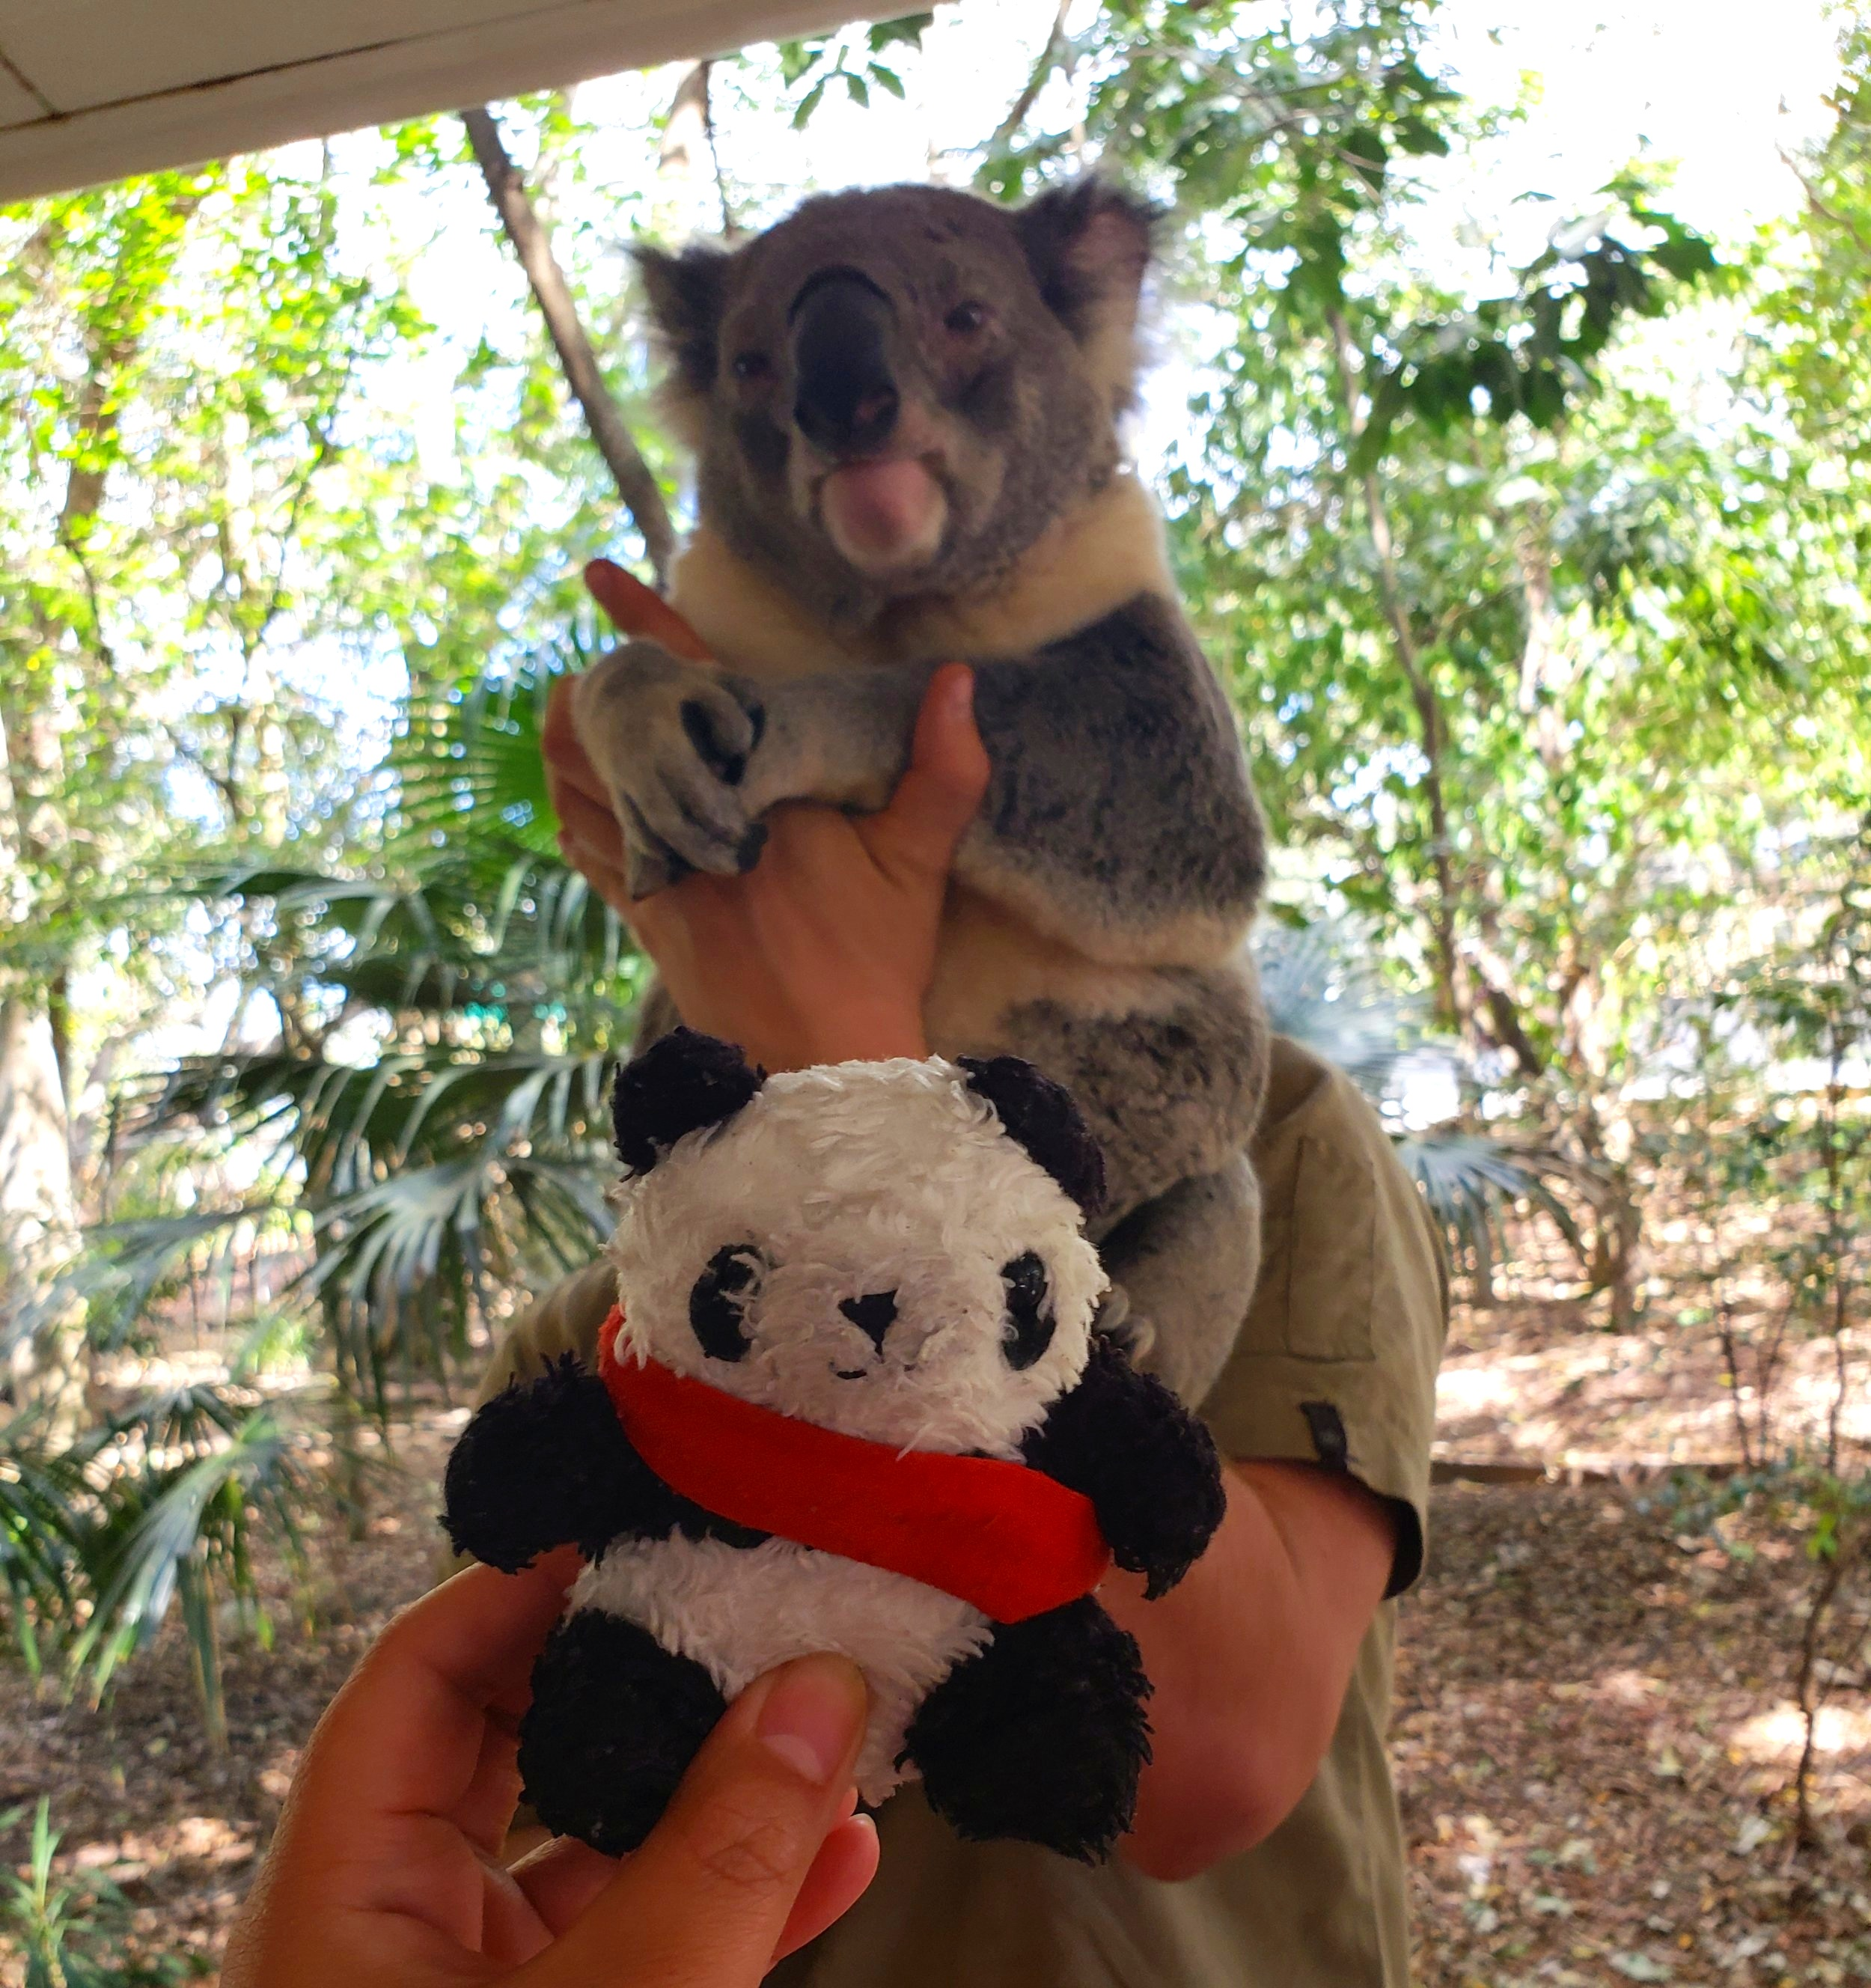 panda meets koala